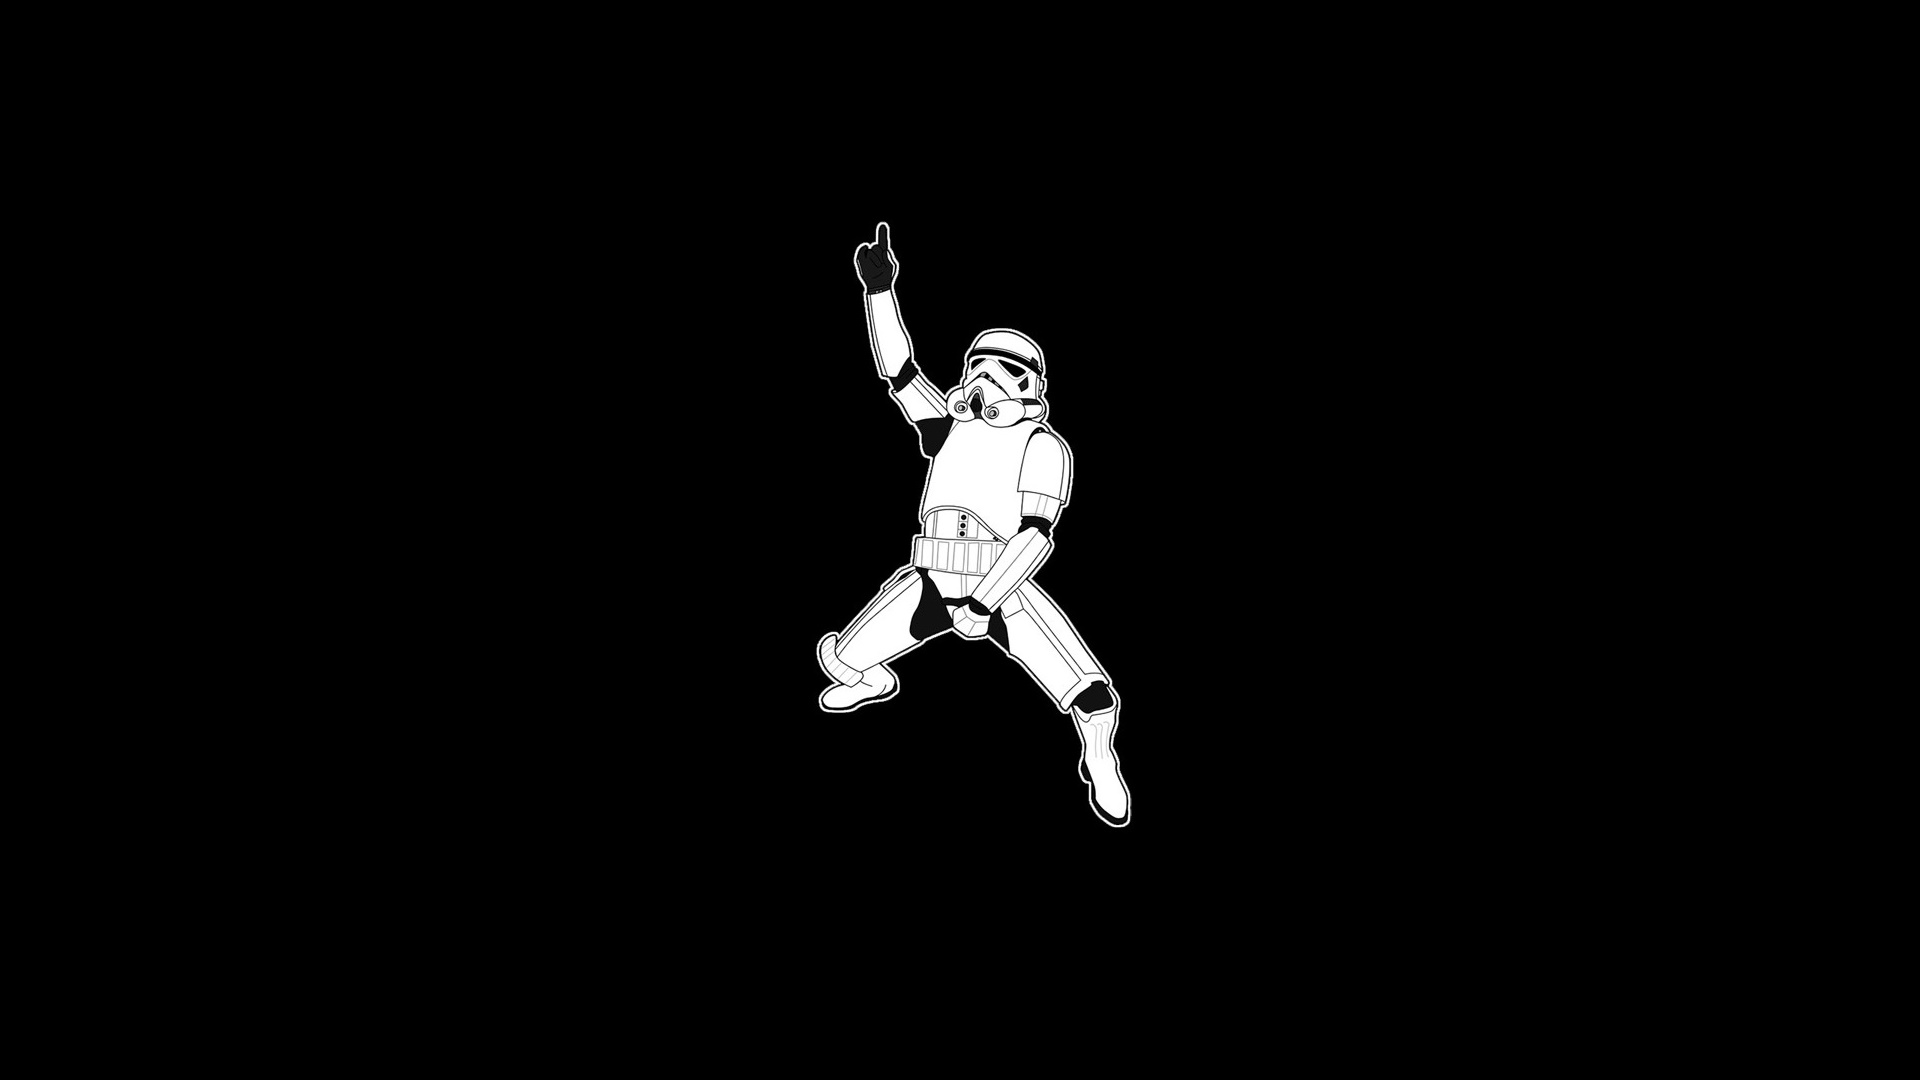 Stormtrooper Wallpapers UHD   HD Picturez